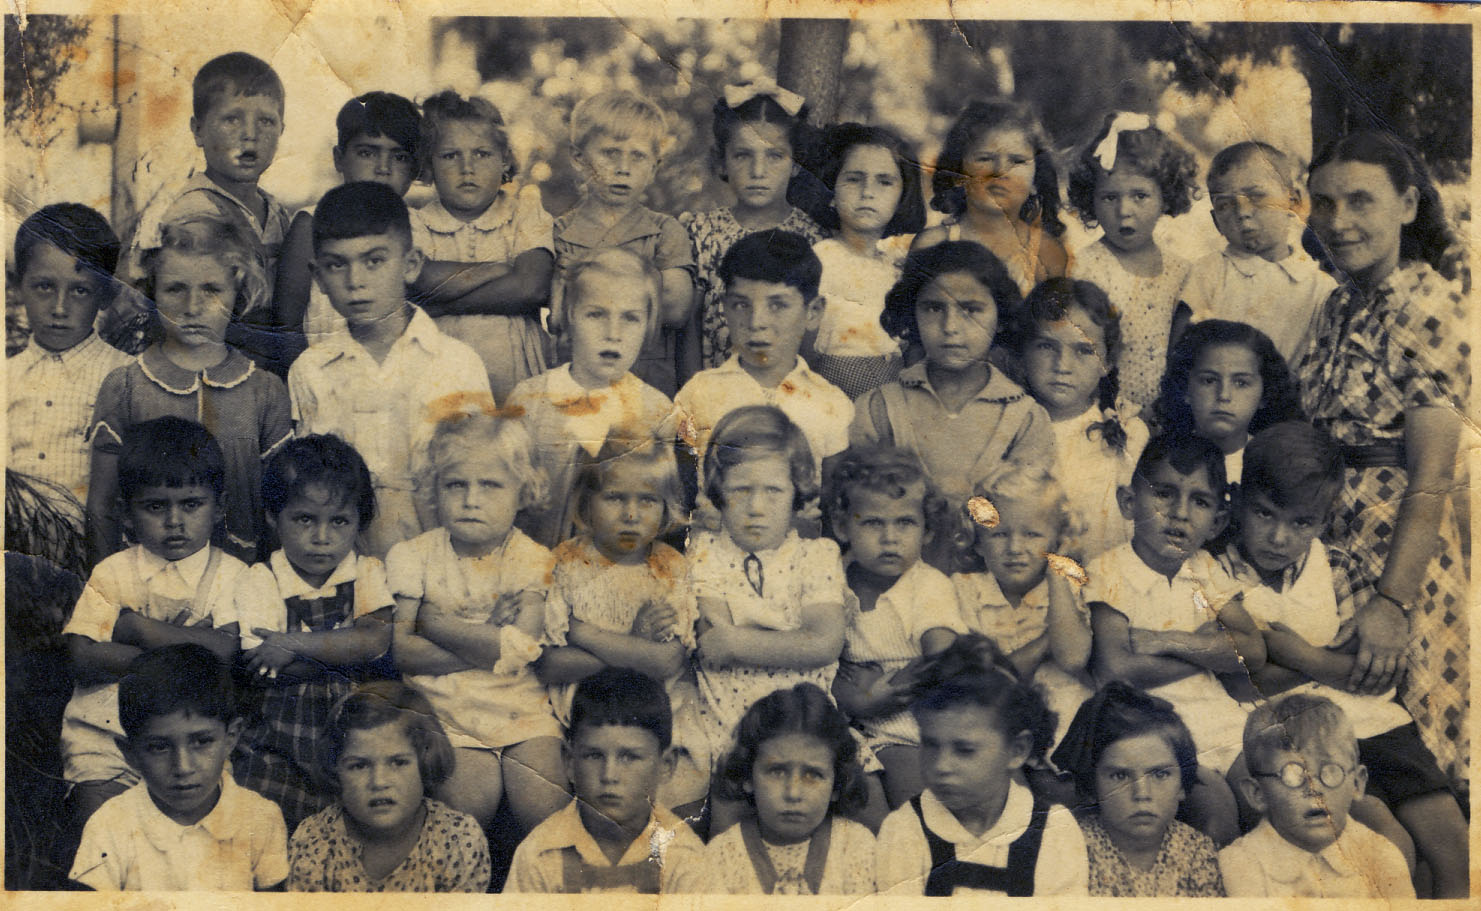 גן בלה  1942 שטמפפר, פתח-תיקווה